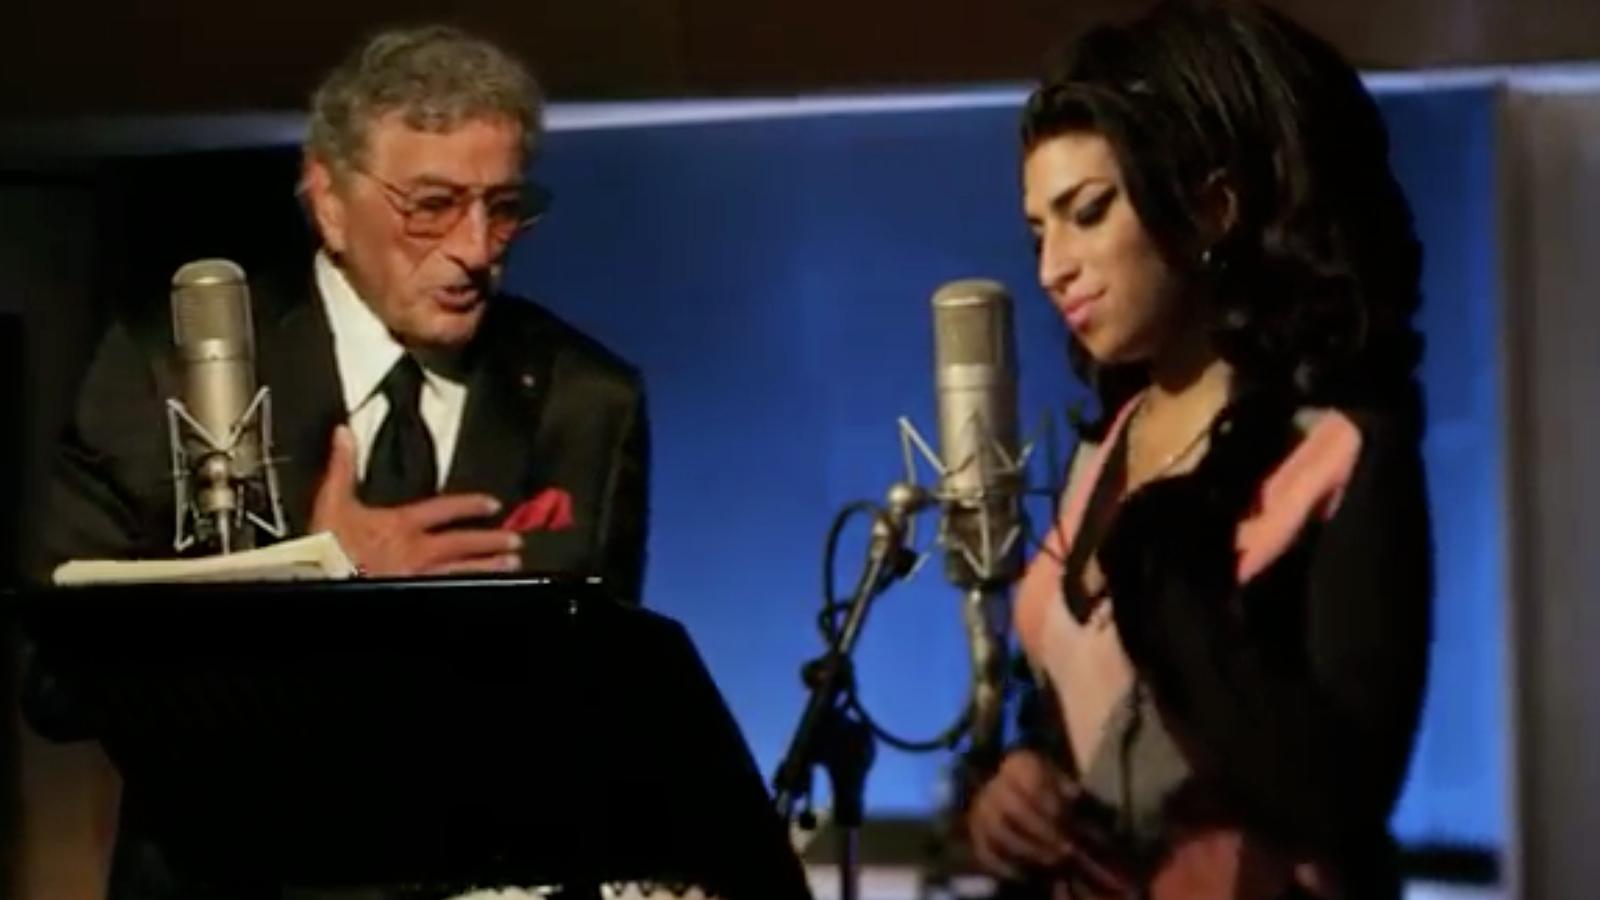 'Body and soul' de Tony Bennet i Amy Winehouse